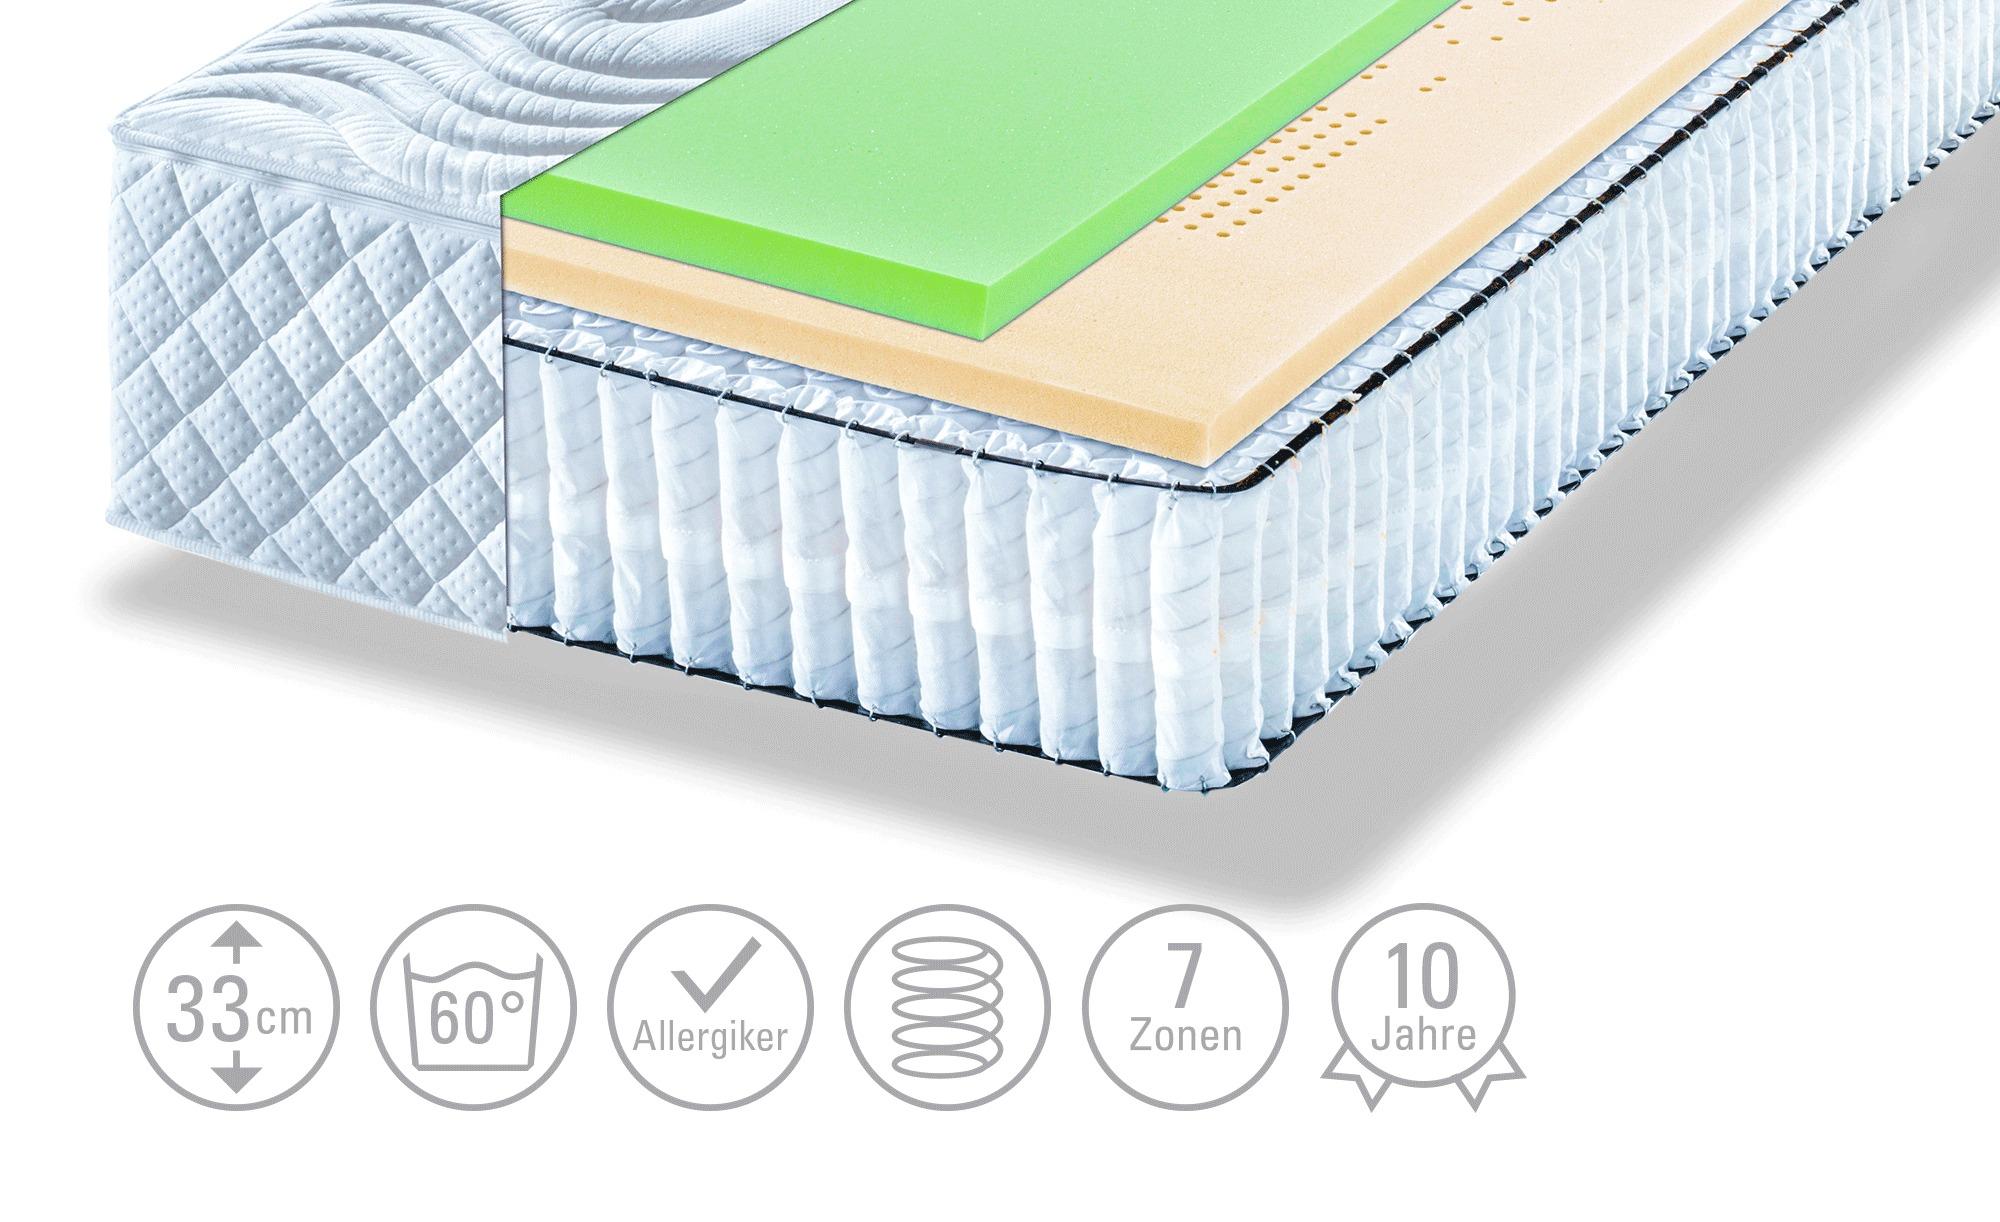 Artone Tonnentaschenfederkern Matratze Boxspring Comfort Gefunden Bei Möbel Höffner